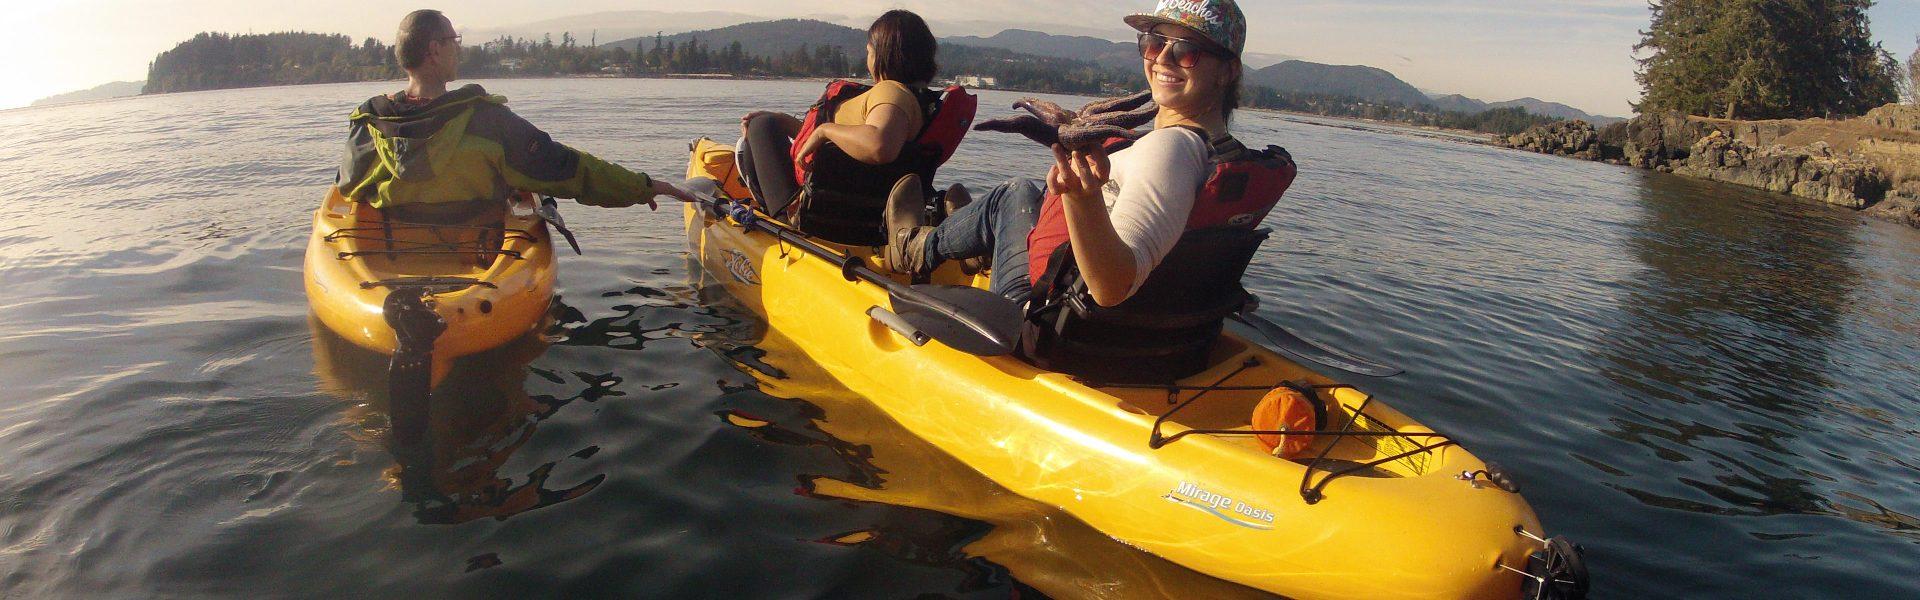 sooke-point-resort-kayak-tour-package